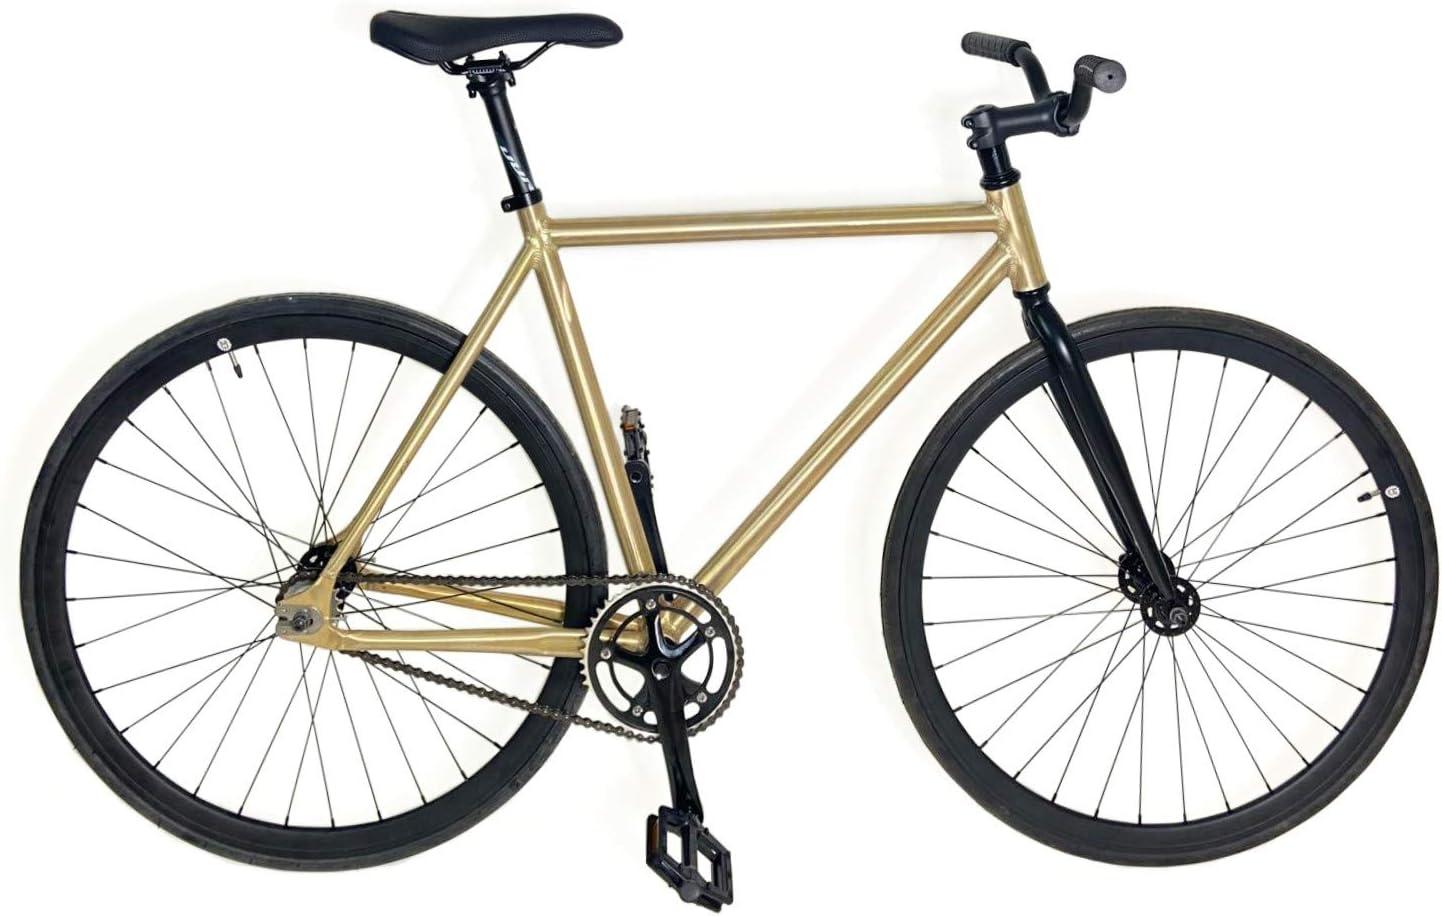 Mowheel Bicicleta Fixie Aluminio monomorcha Talla 54cm: Amazon.es ...